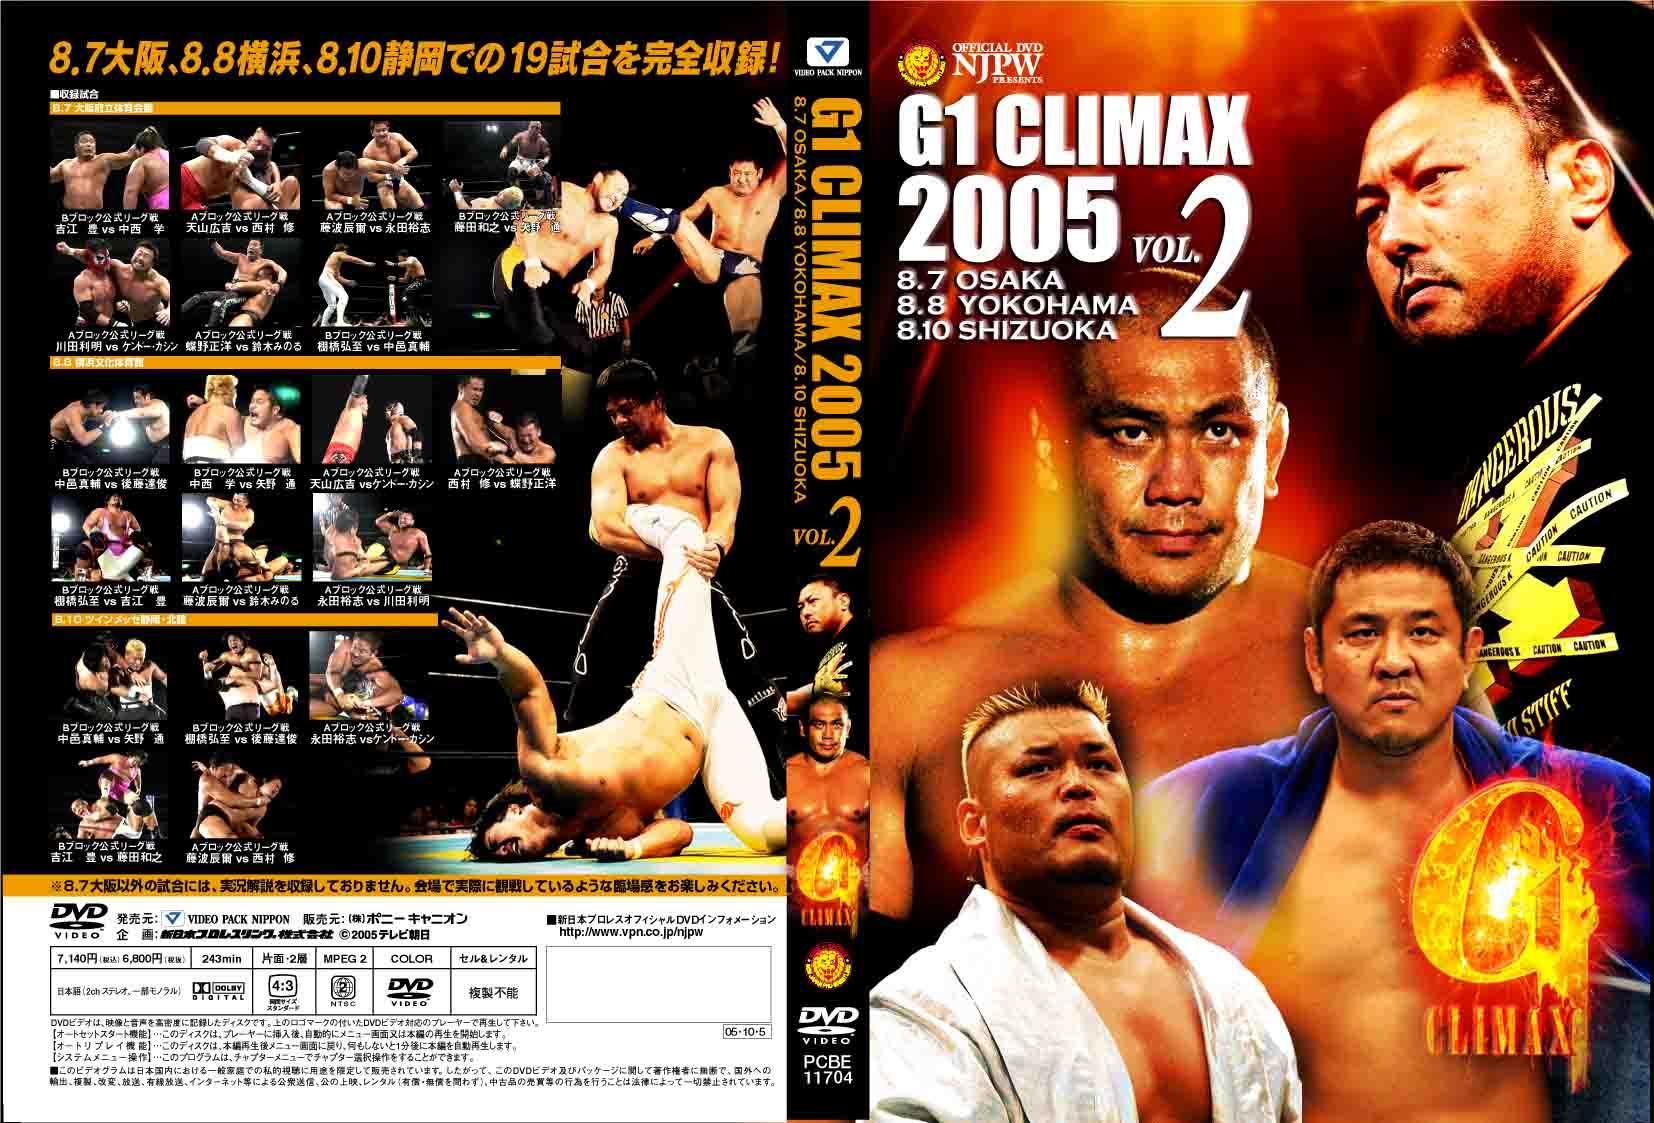 climax2005 vol.2